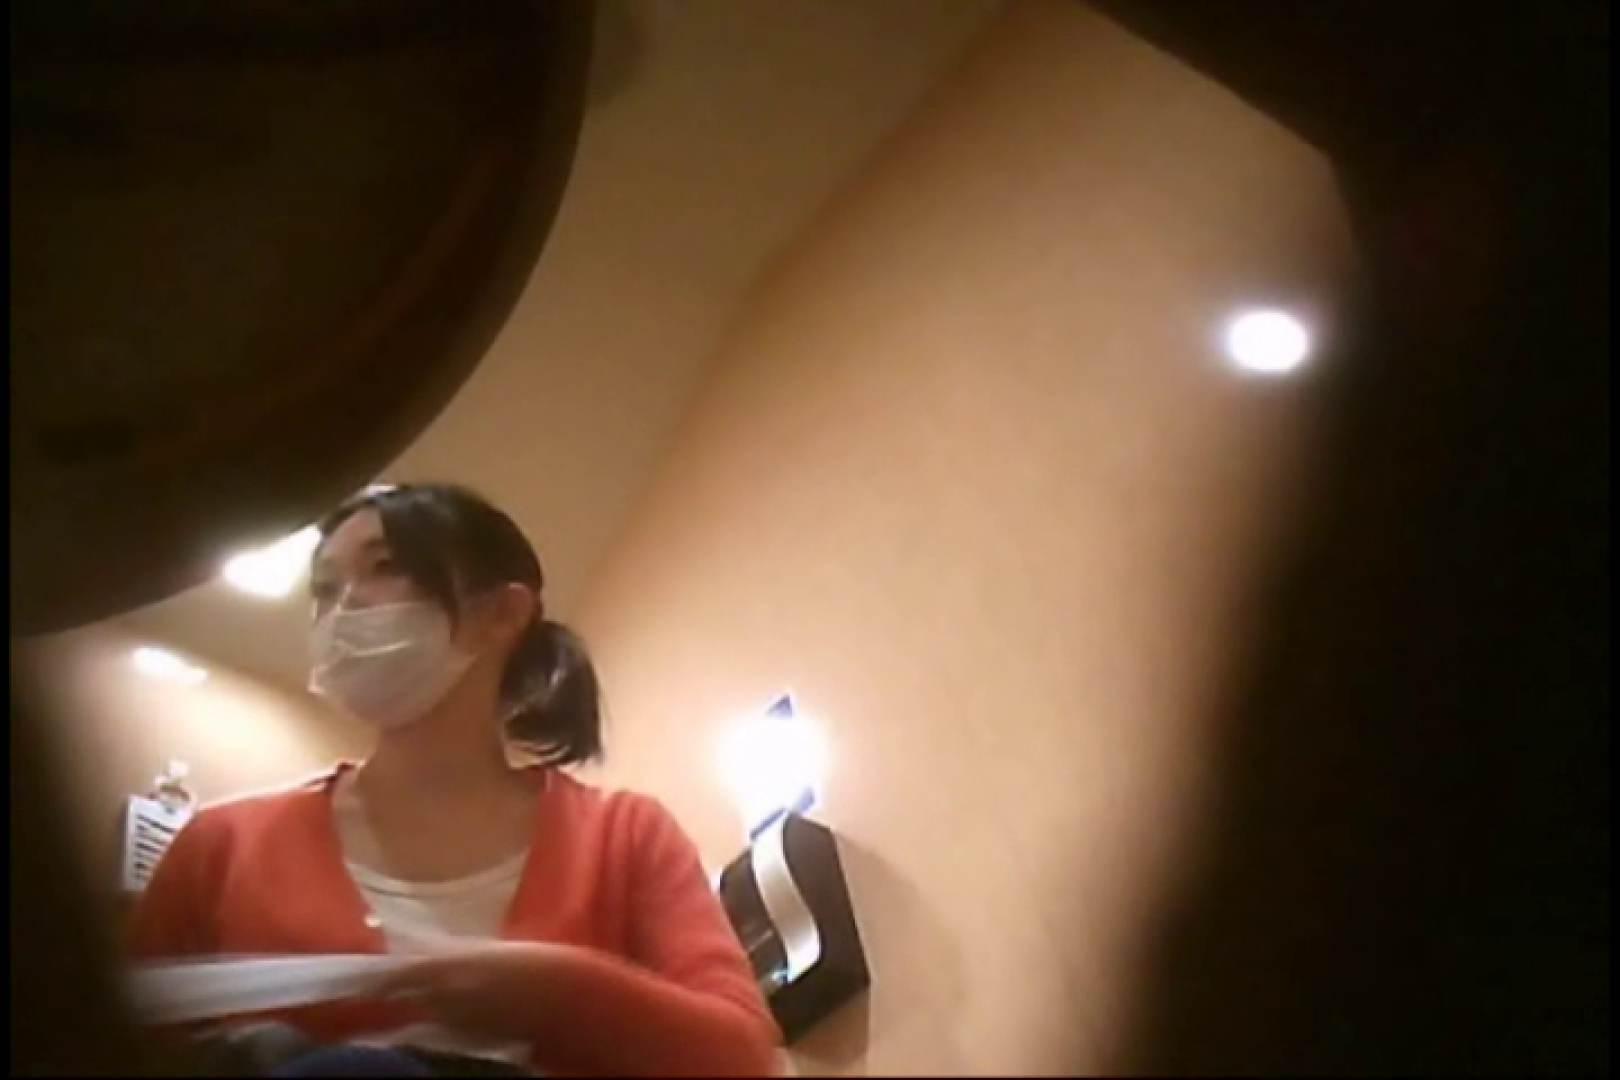 潜入!!女子化粧室盗撮~絶対見られたくない時間~vo,76 お尻 すけべAV動画紹介 87pic 18